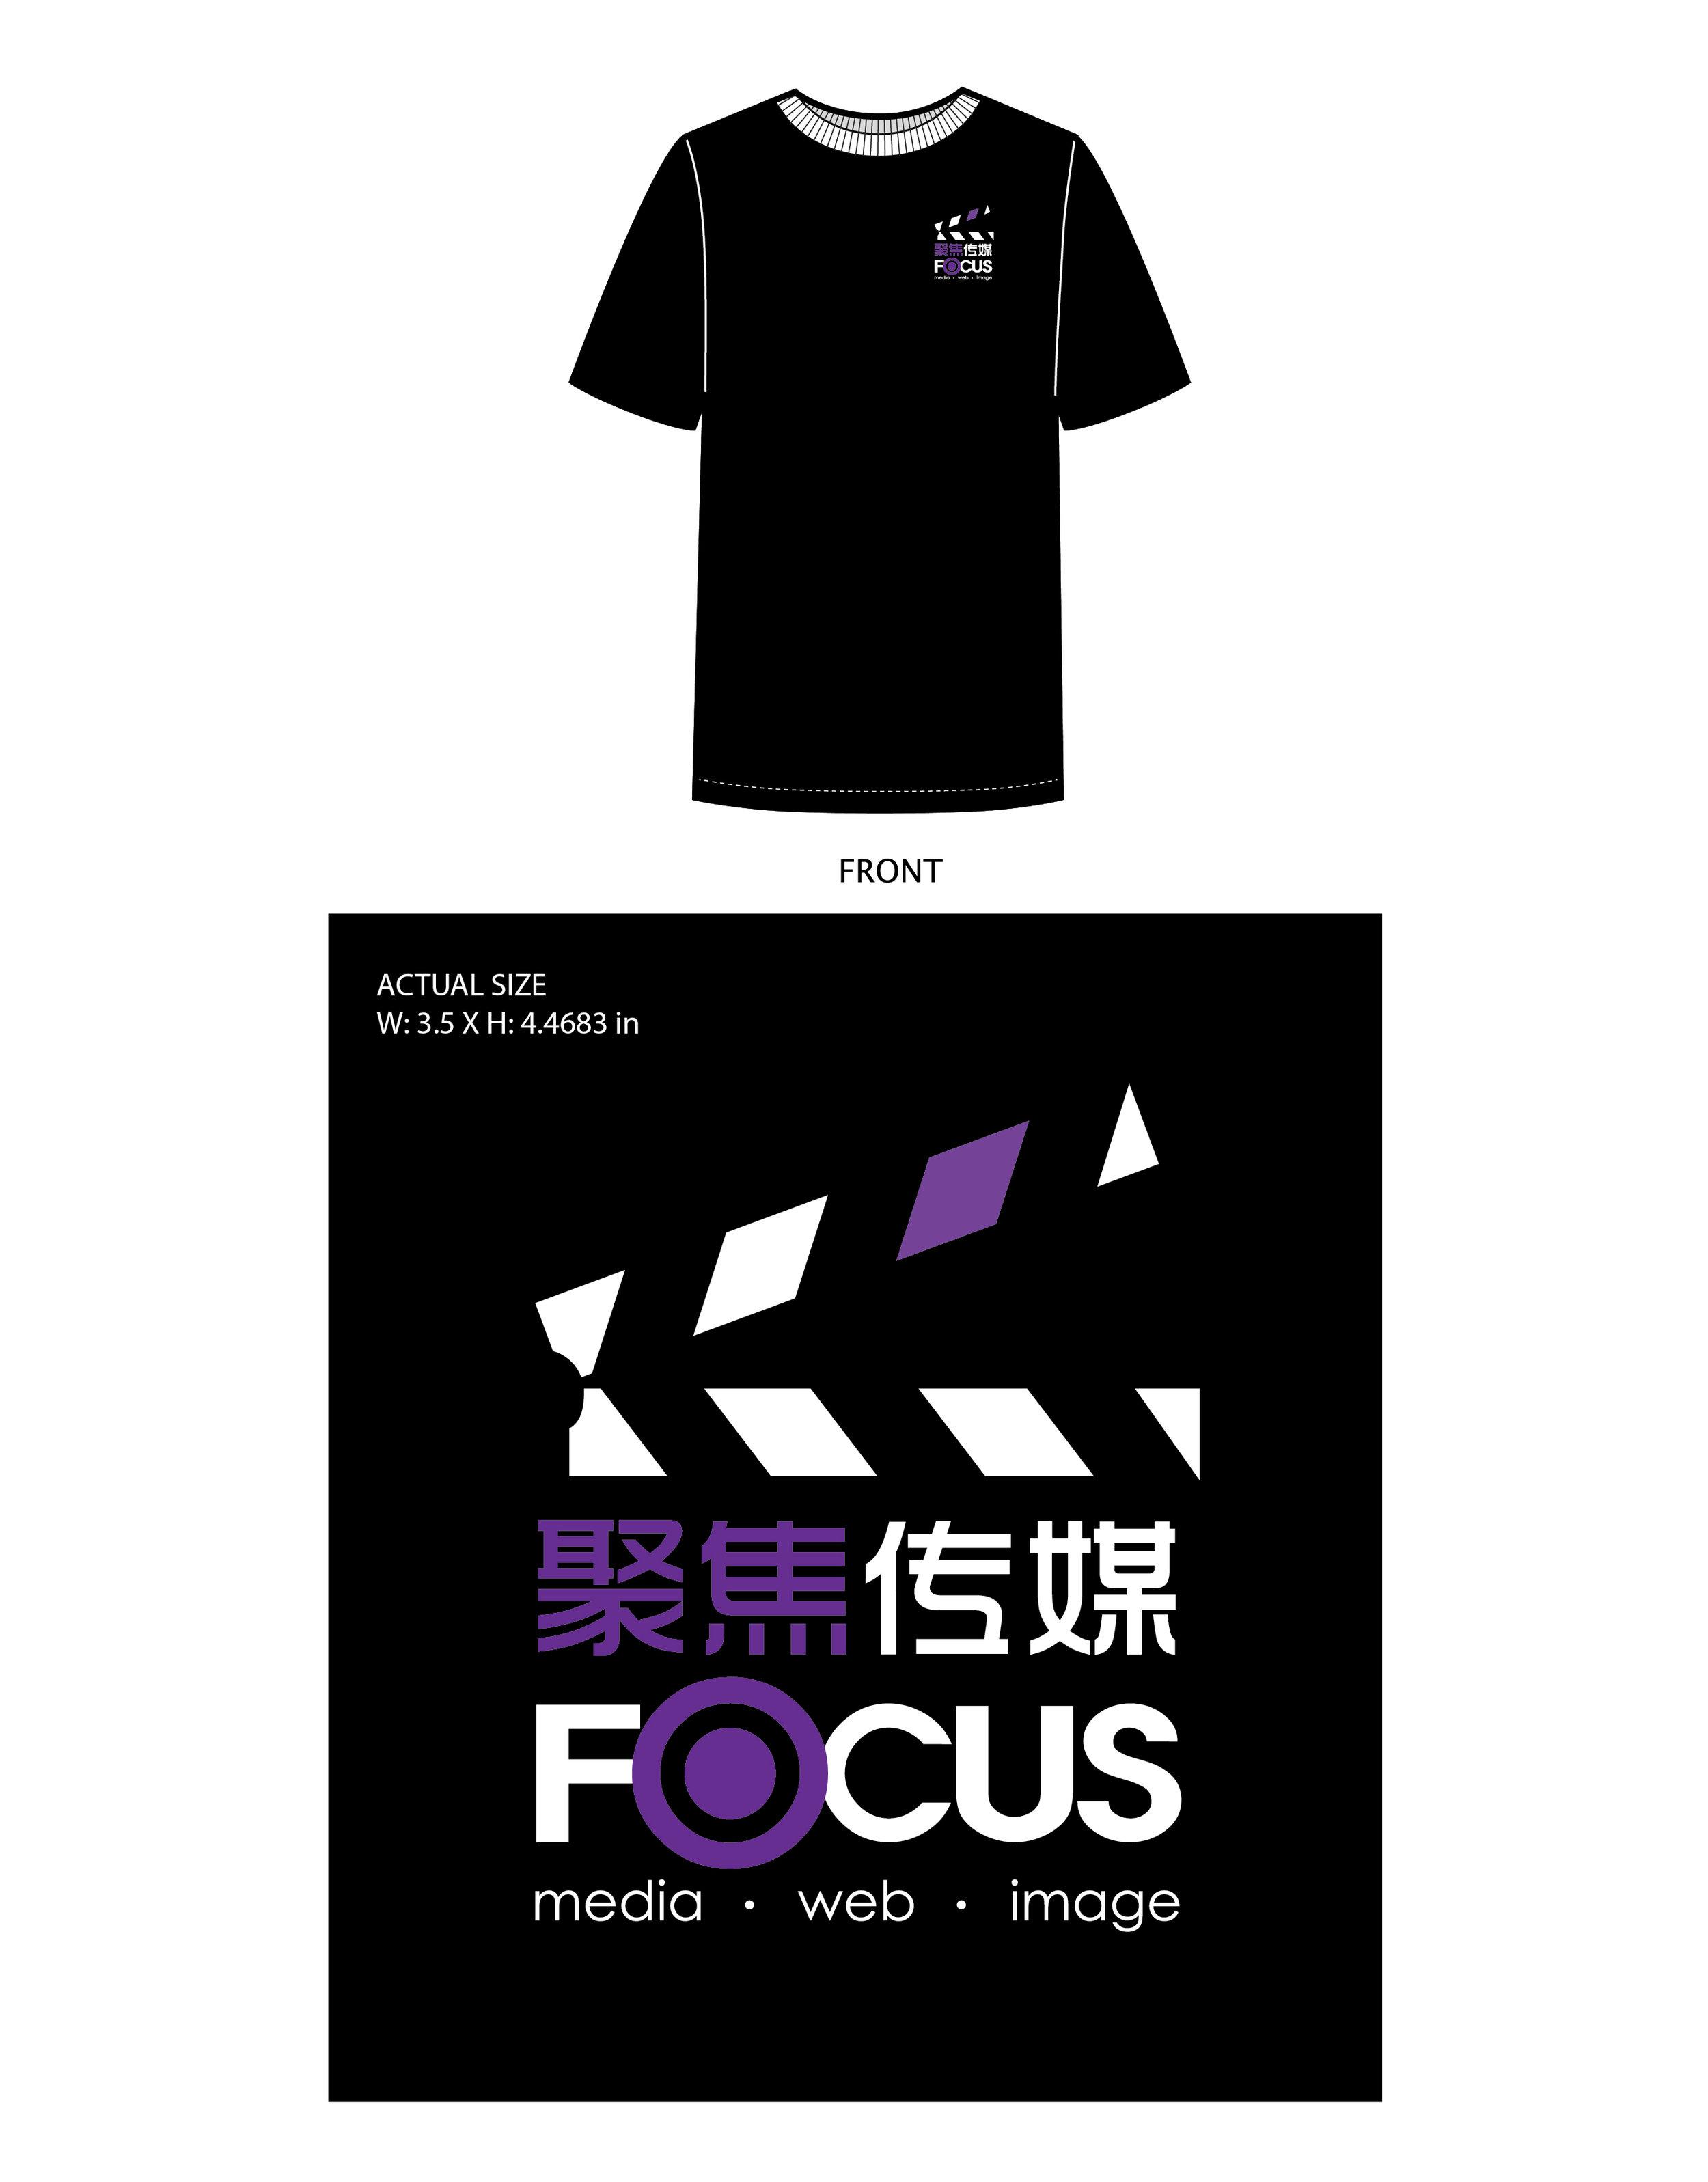 Focus_Media_Film_Crew_TShirt_Design_FRONT-01.jpg